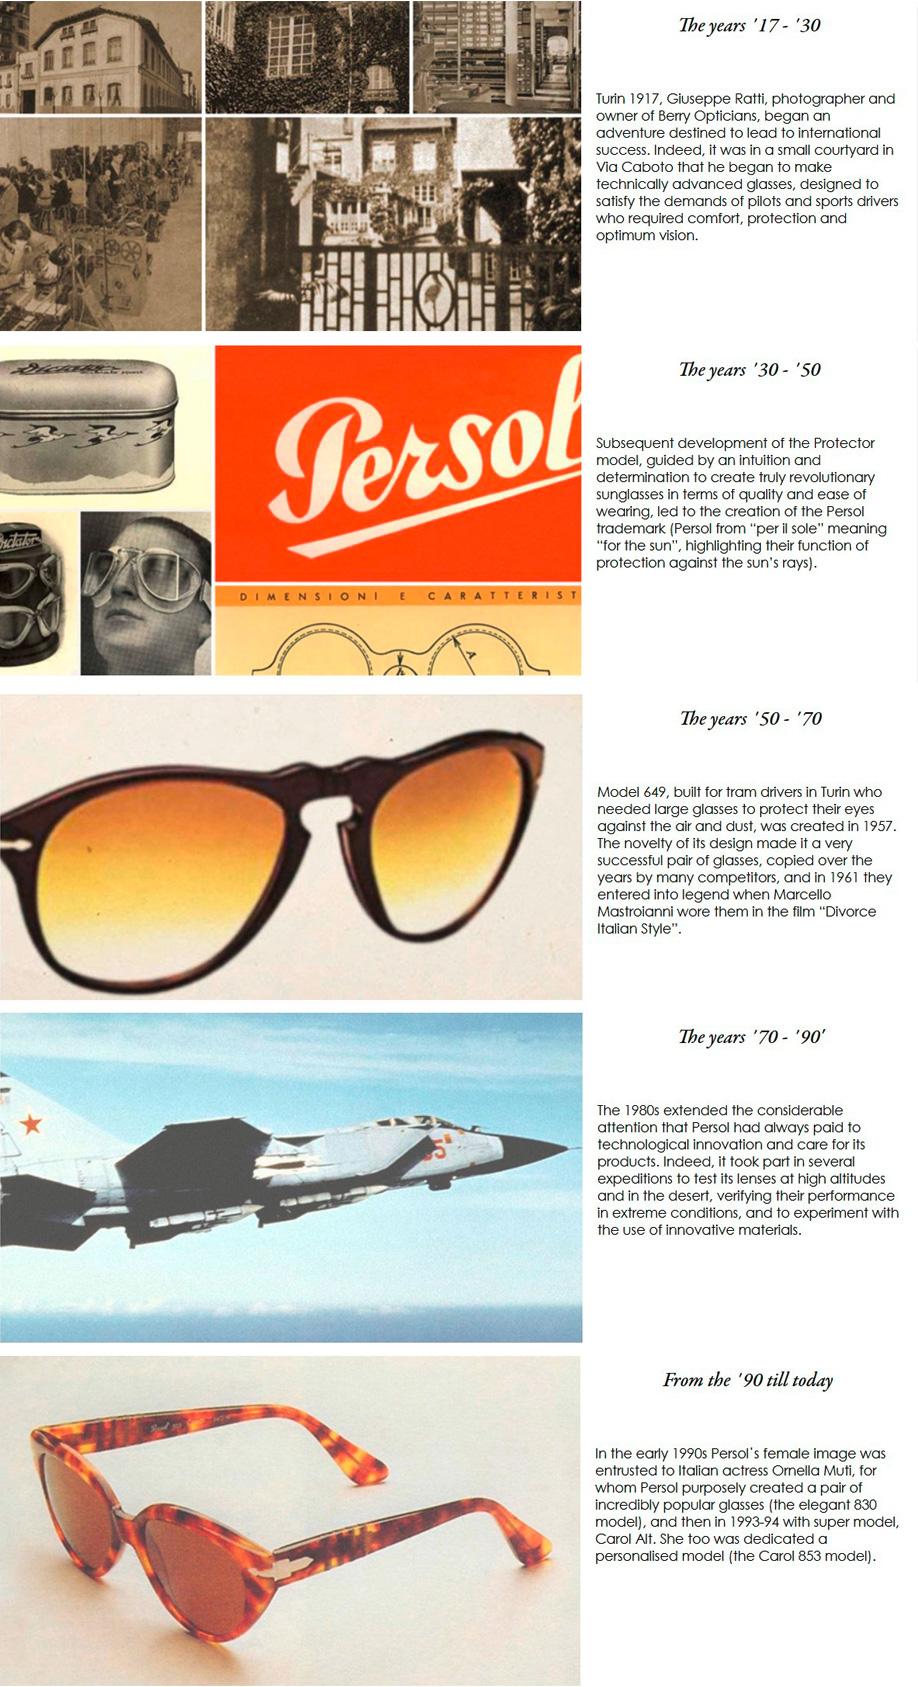 5e7f4bf078e PERSOL HISTORY - Eyestore